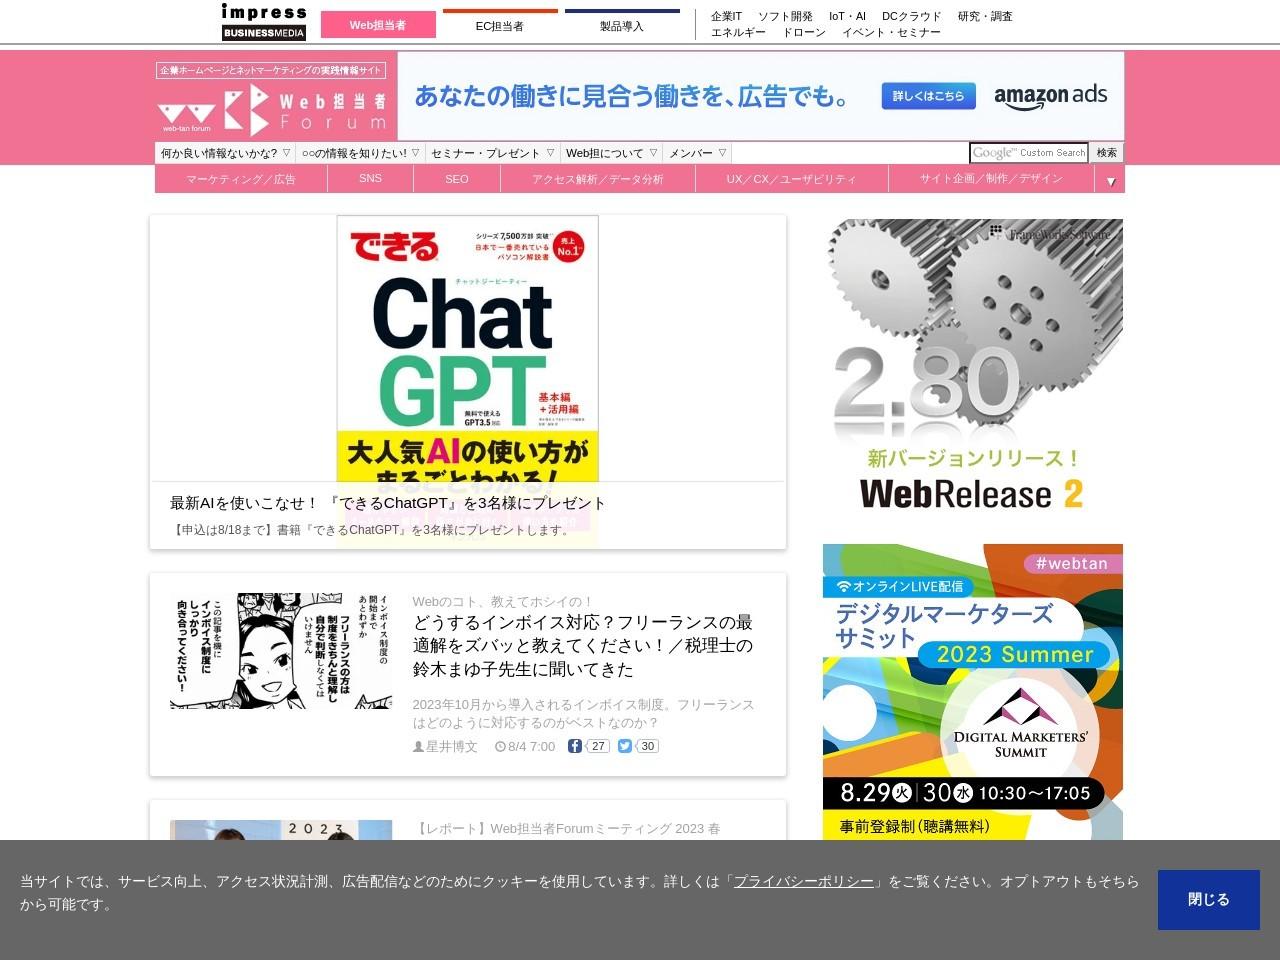 【2012年版】リスティング広告 略語・用語集(スポンサードサーチ Ver.3対応) | Web担当者Forum